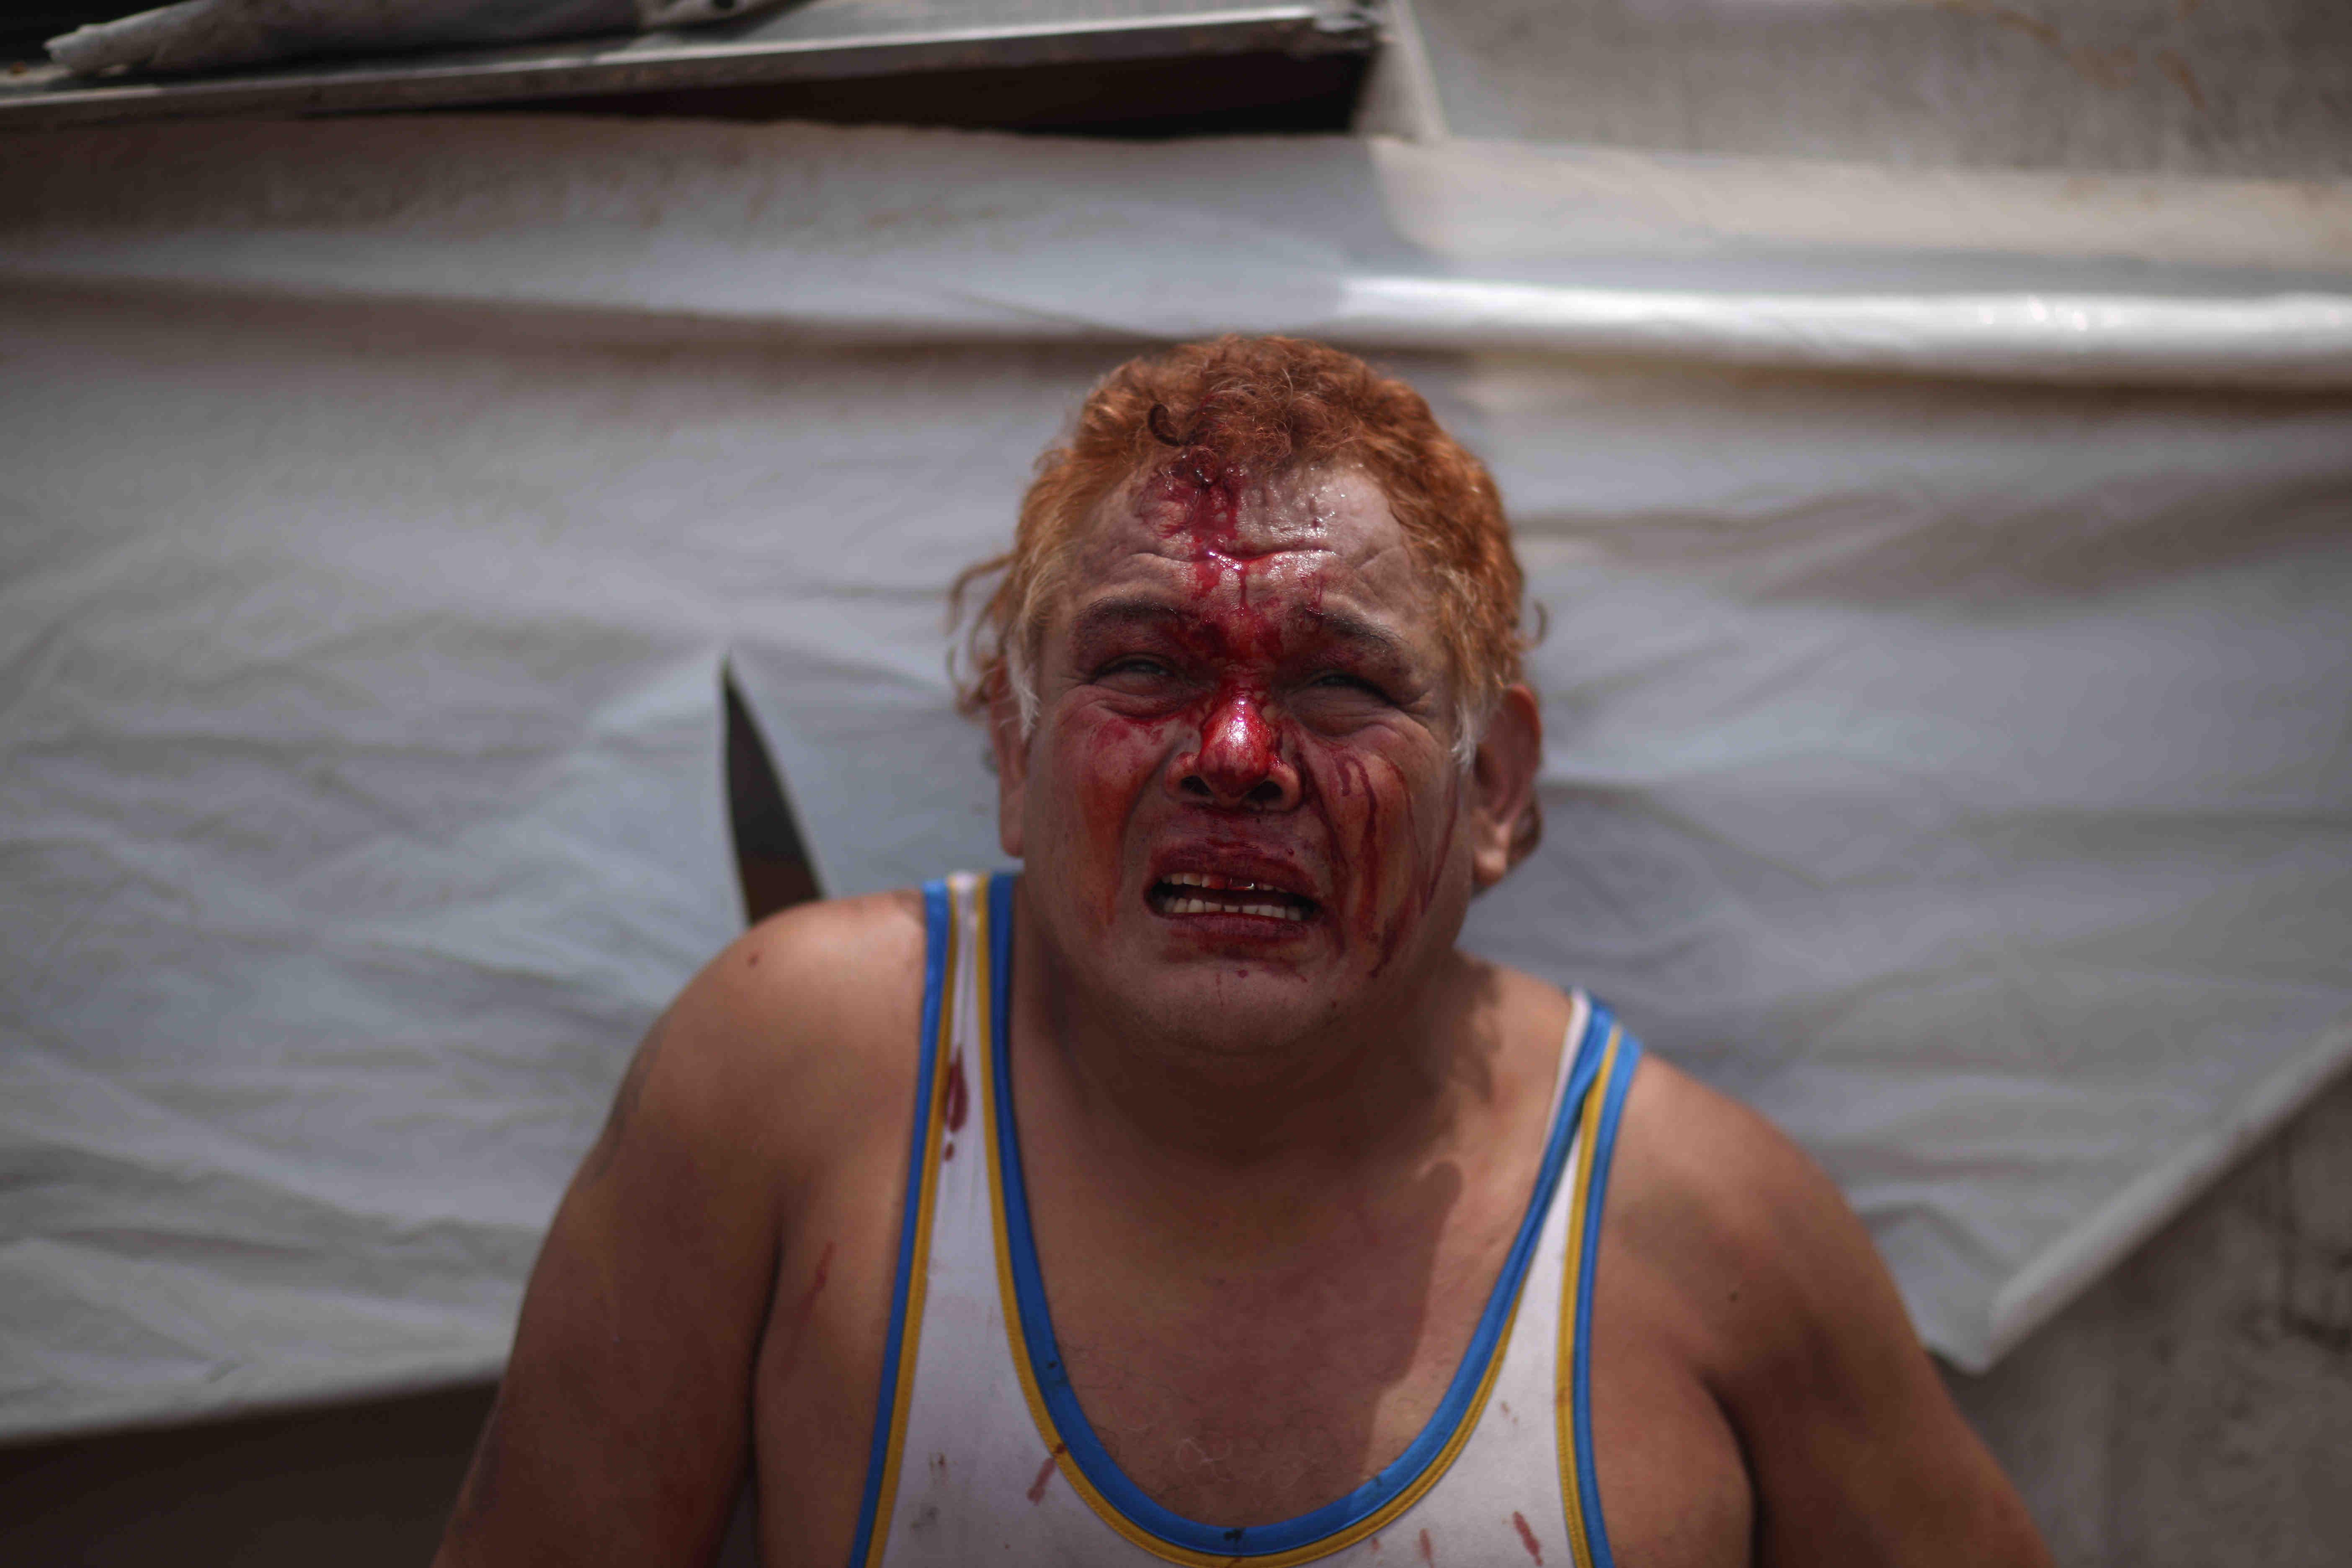 vMexico's Popular Lucha Libre